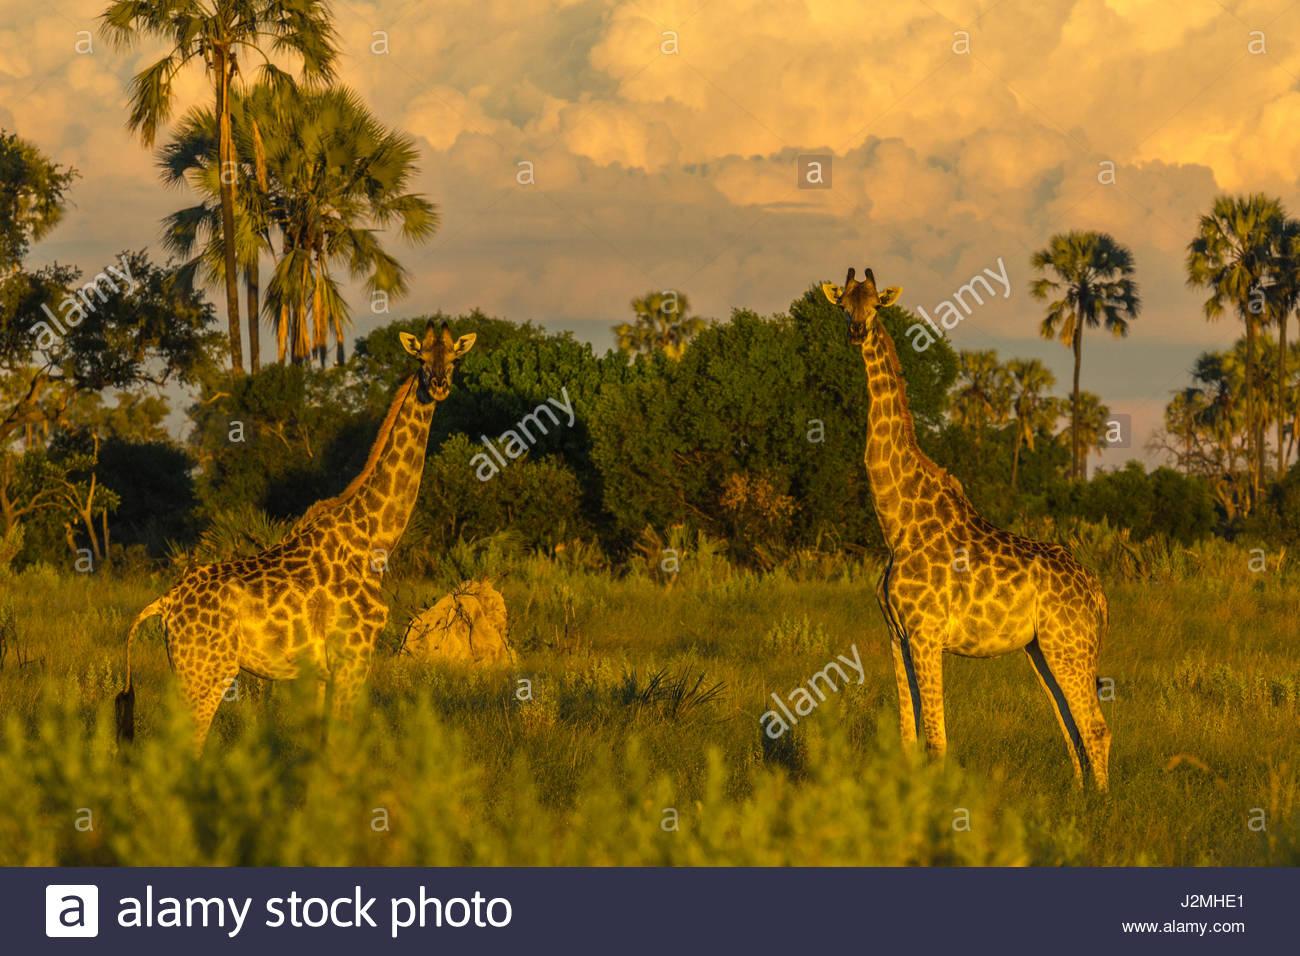 Una coppia di giraffe di sera sun come aria di tempesta dietro di loro. Immagini Stock